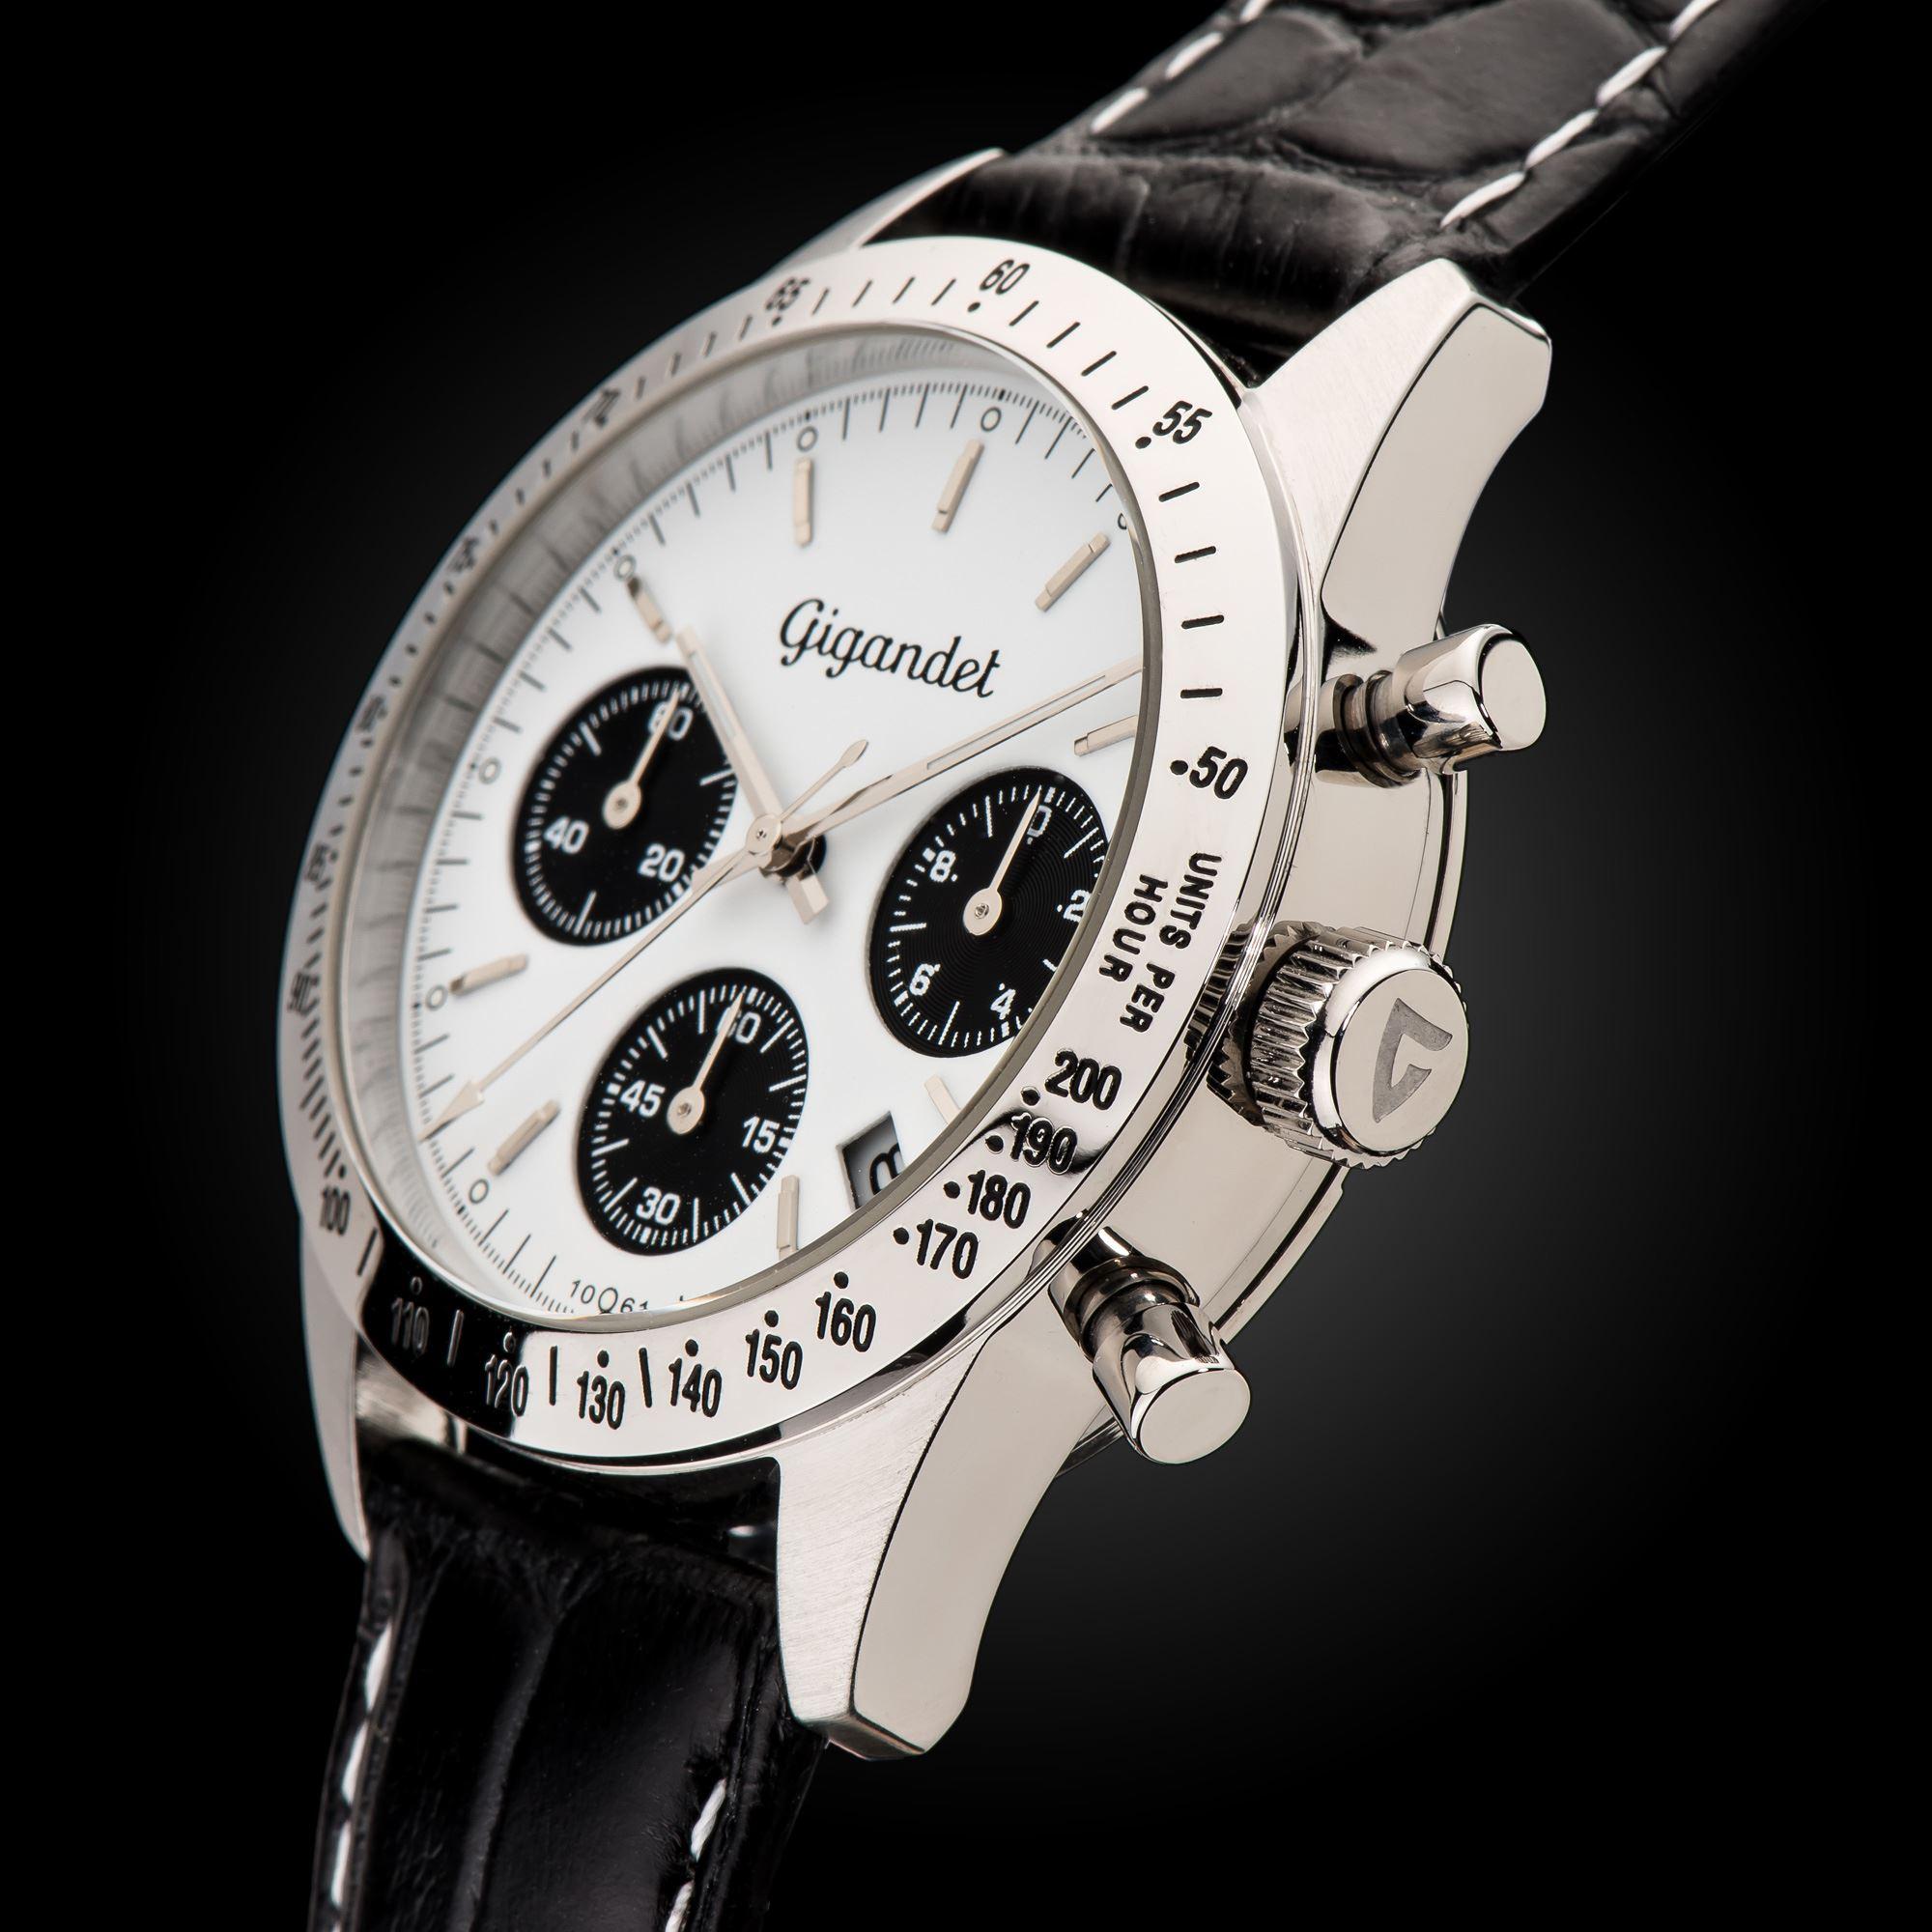 G5 001 Herren Chronograph Gigandet Race King Datum Weiß Armbanduhr Lederband 5Jc3F1luTK